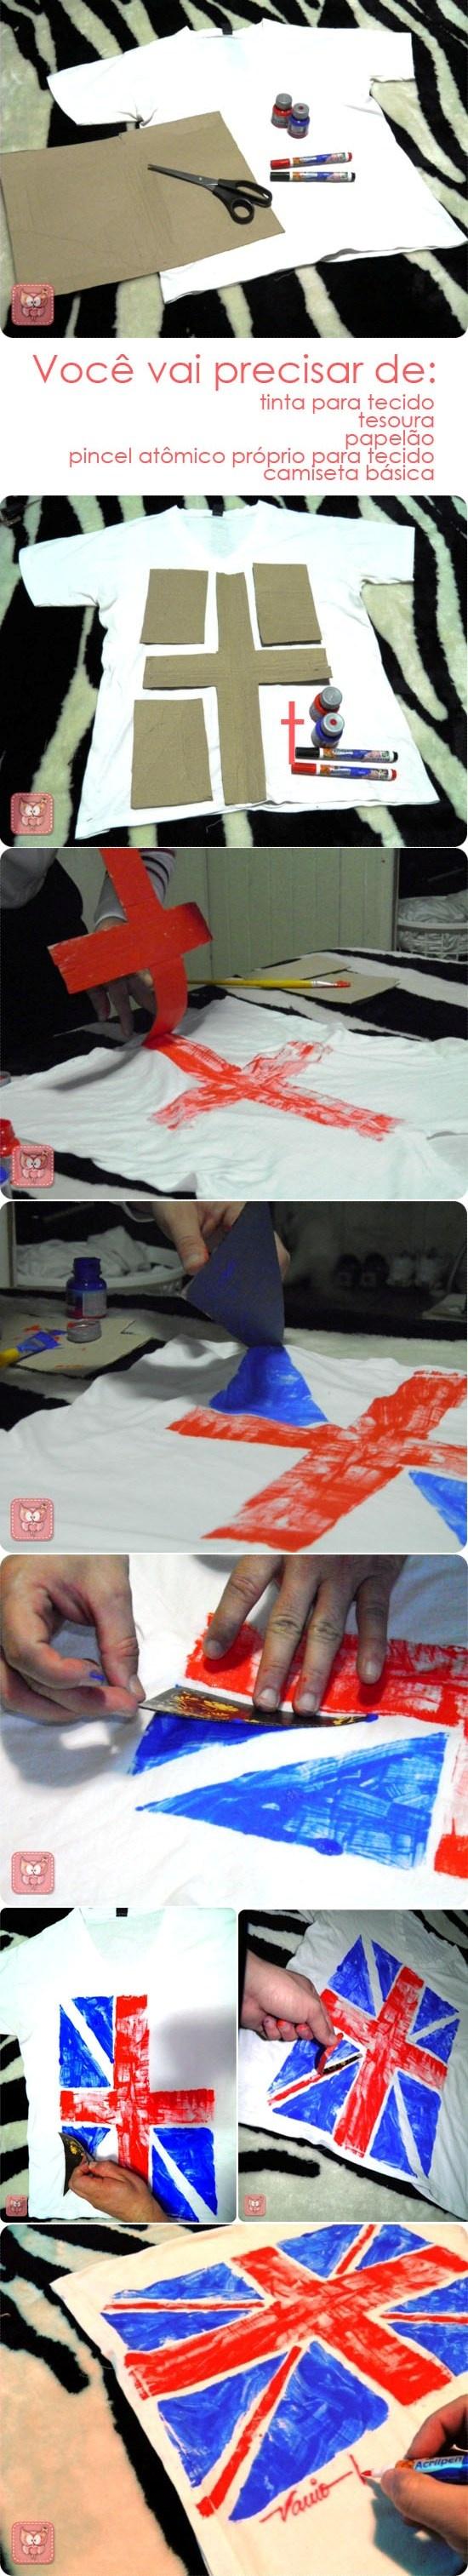 Estampa de camiseta com tinta para tecido.